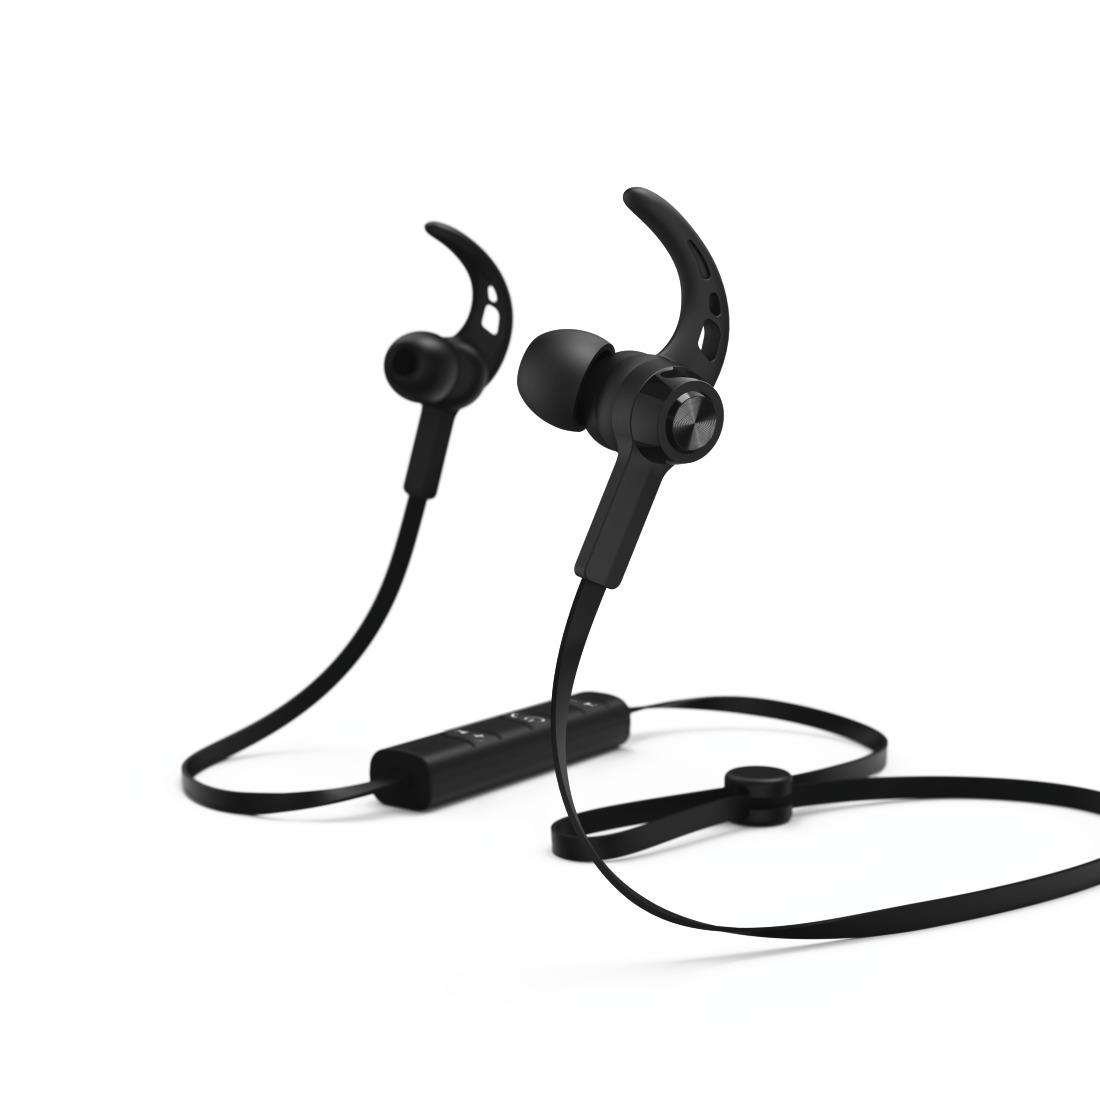 Foto van Hama BLUETOOTH-IN-EAR-STEREO-HEADSET CONNECT, In-ear oordopjes